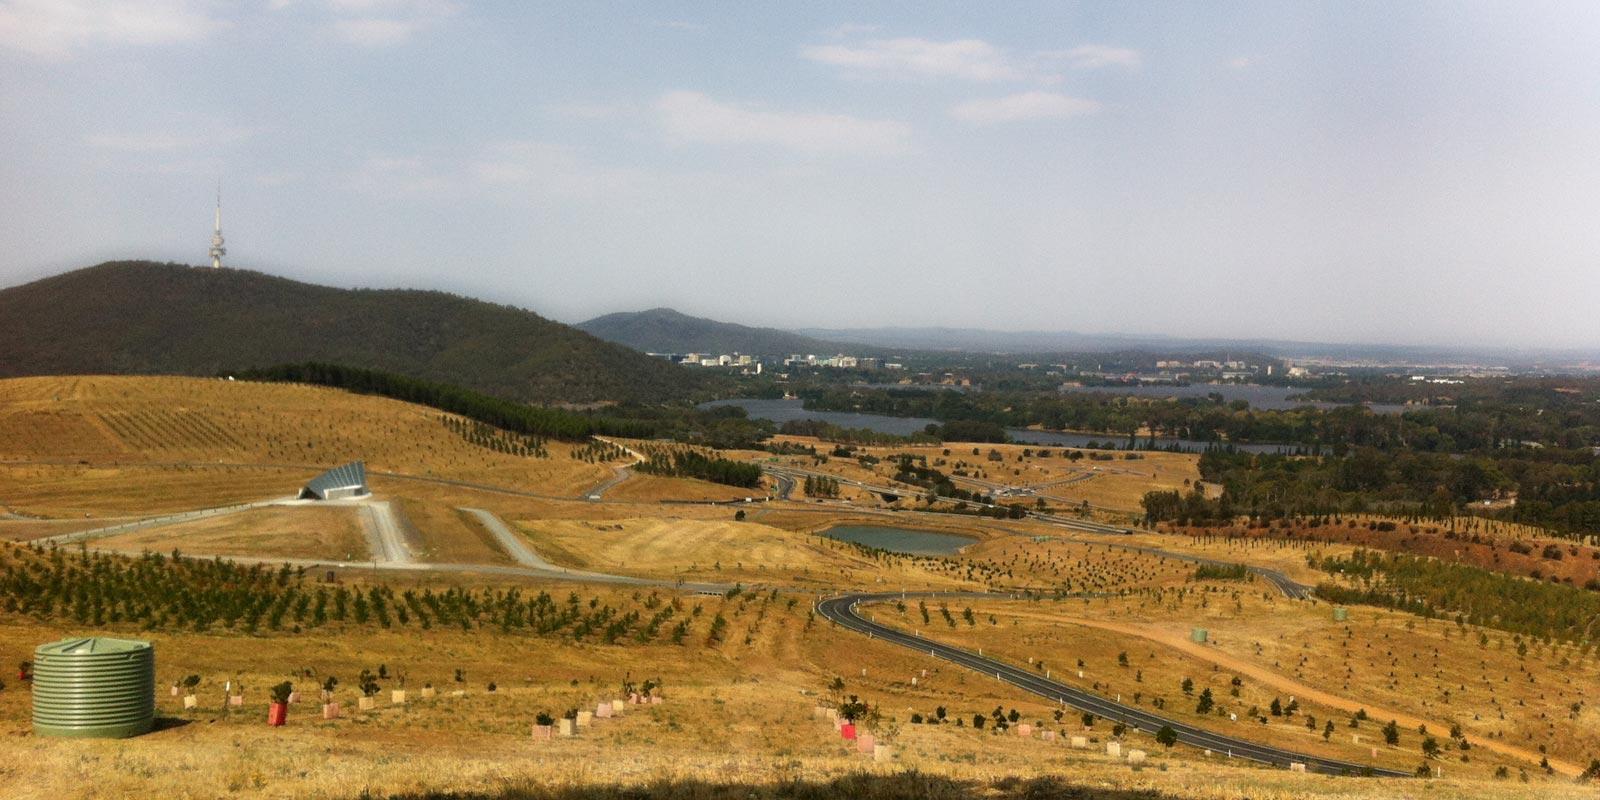 Finalmente Canberra, in Terra Australis Incognita